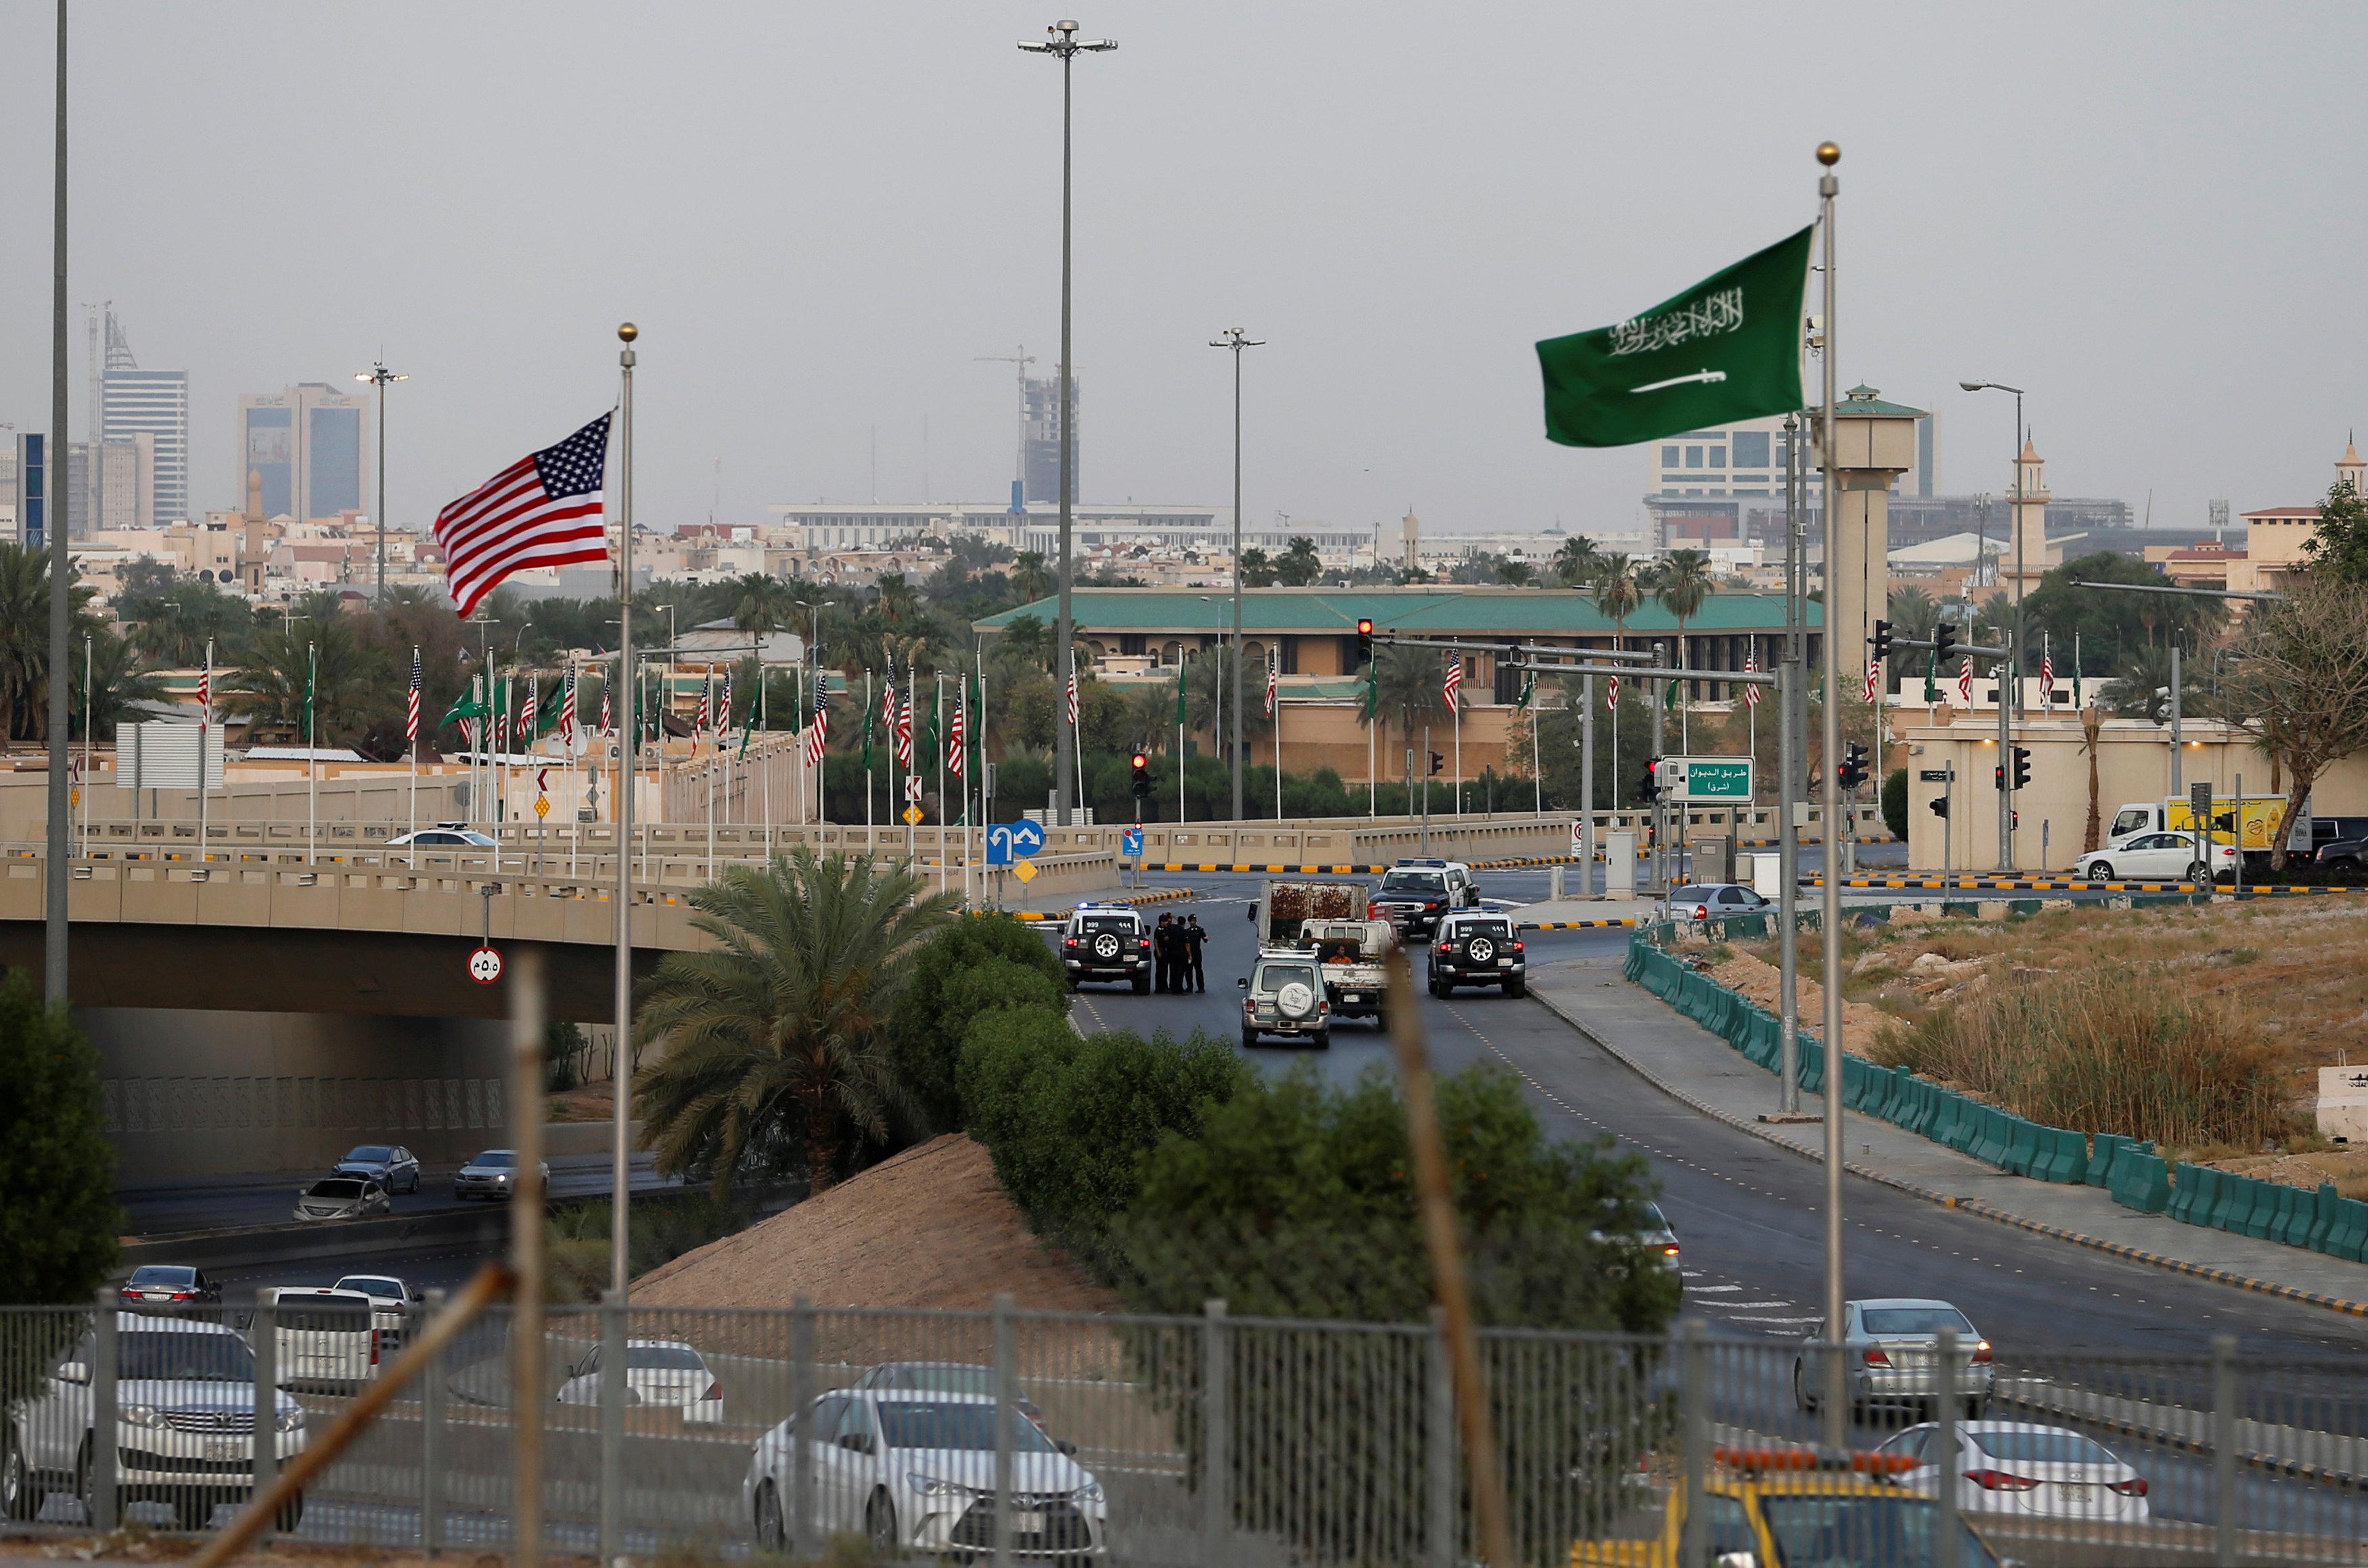 رفع الأعلام السعودية والأمريكية